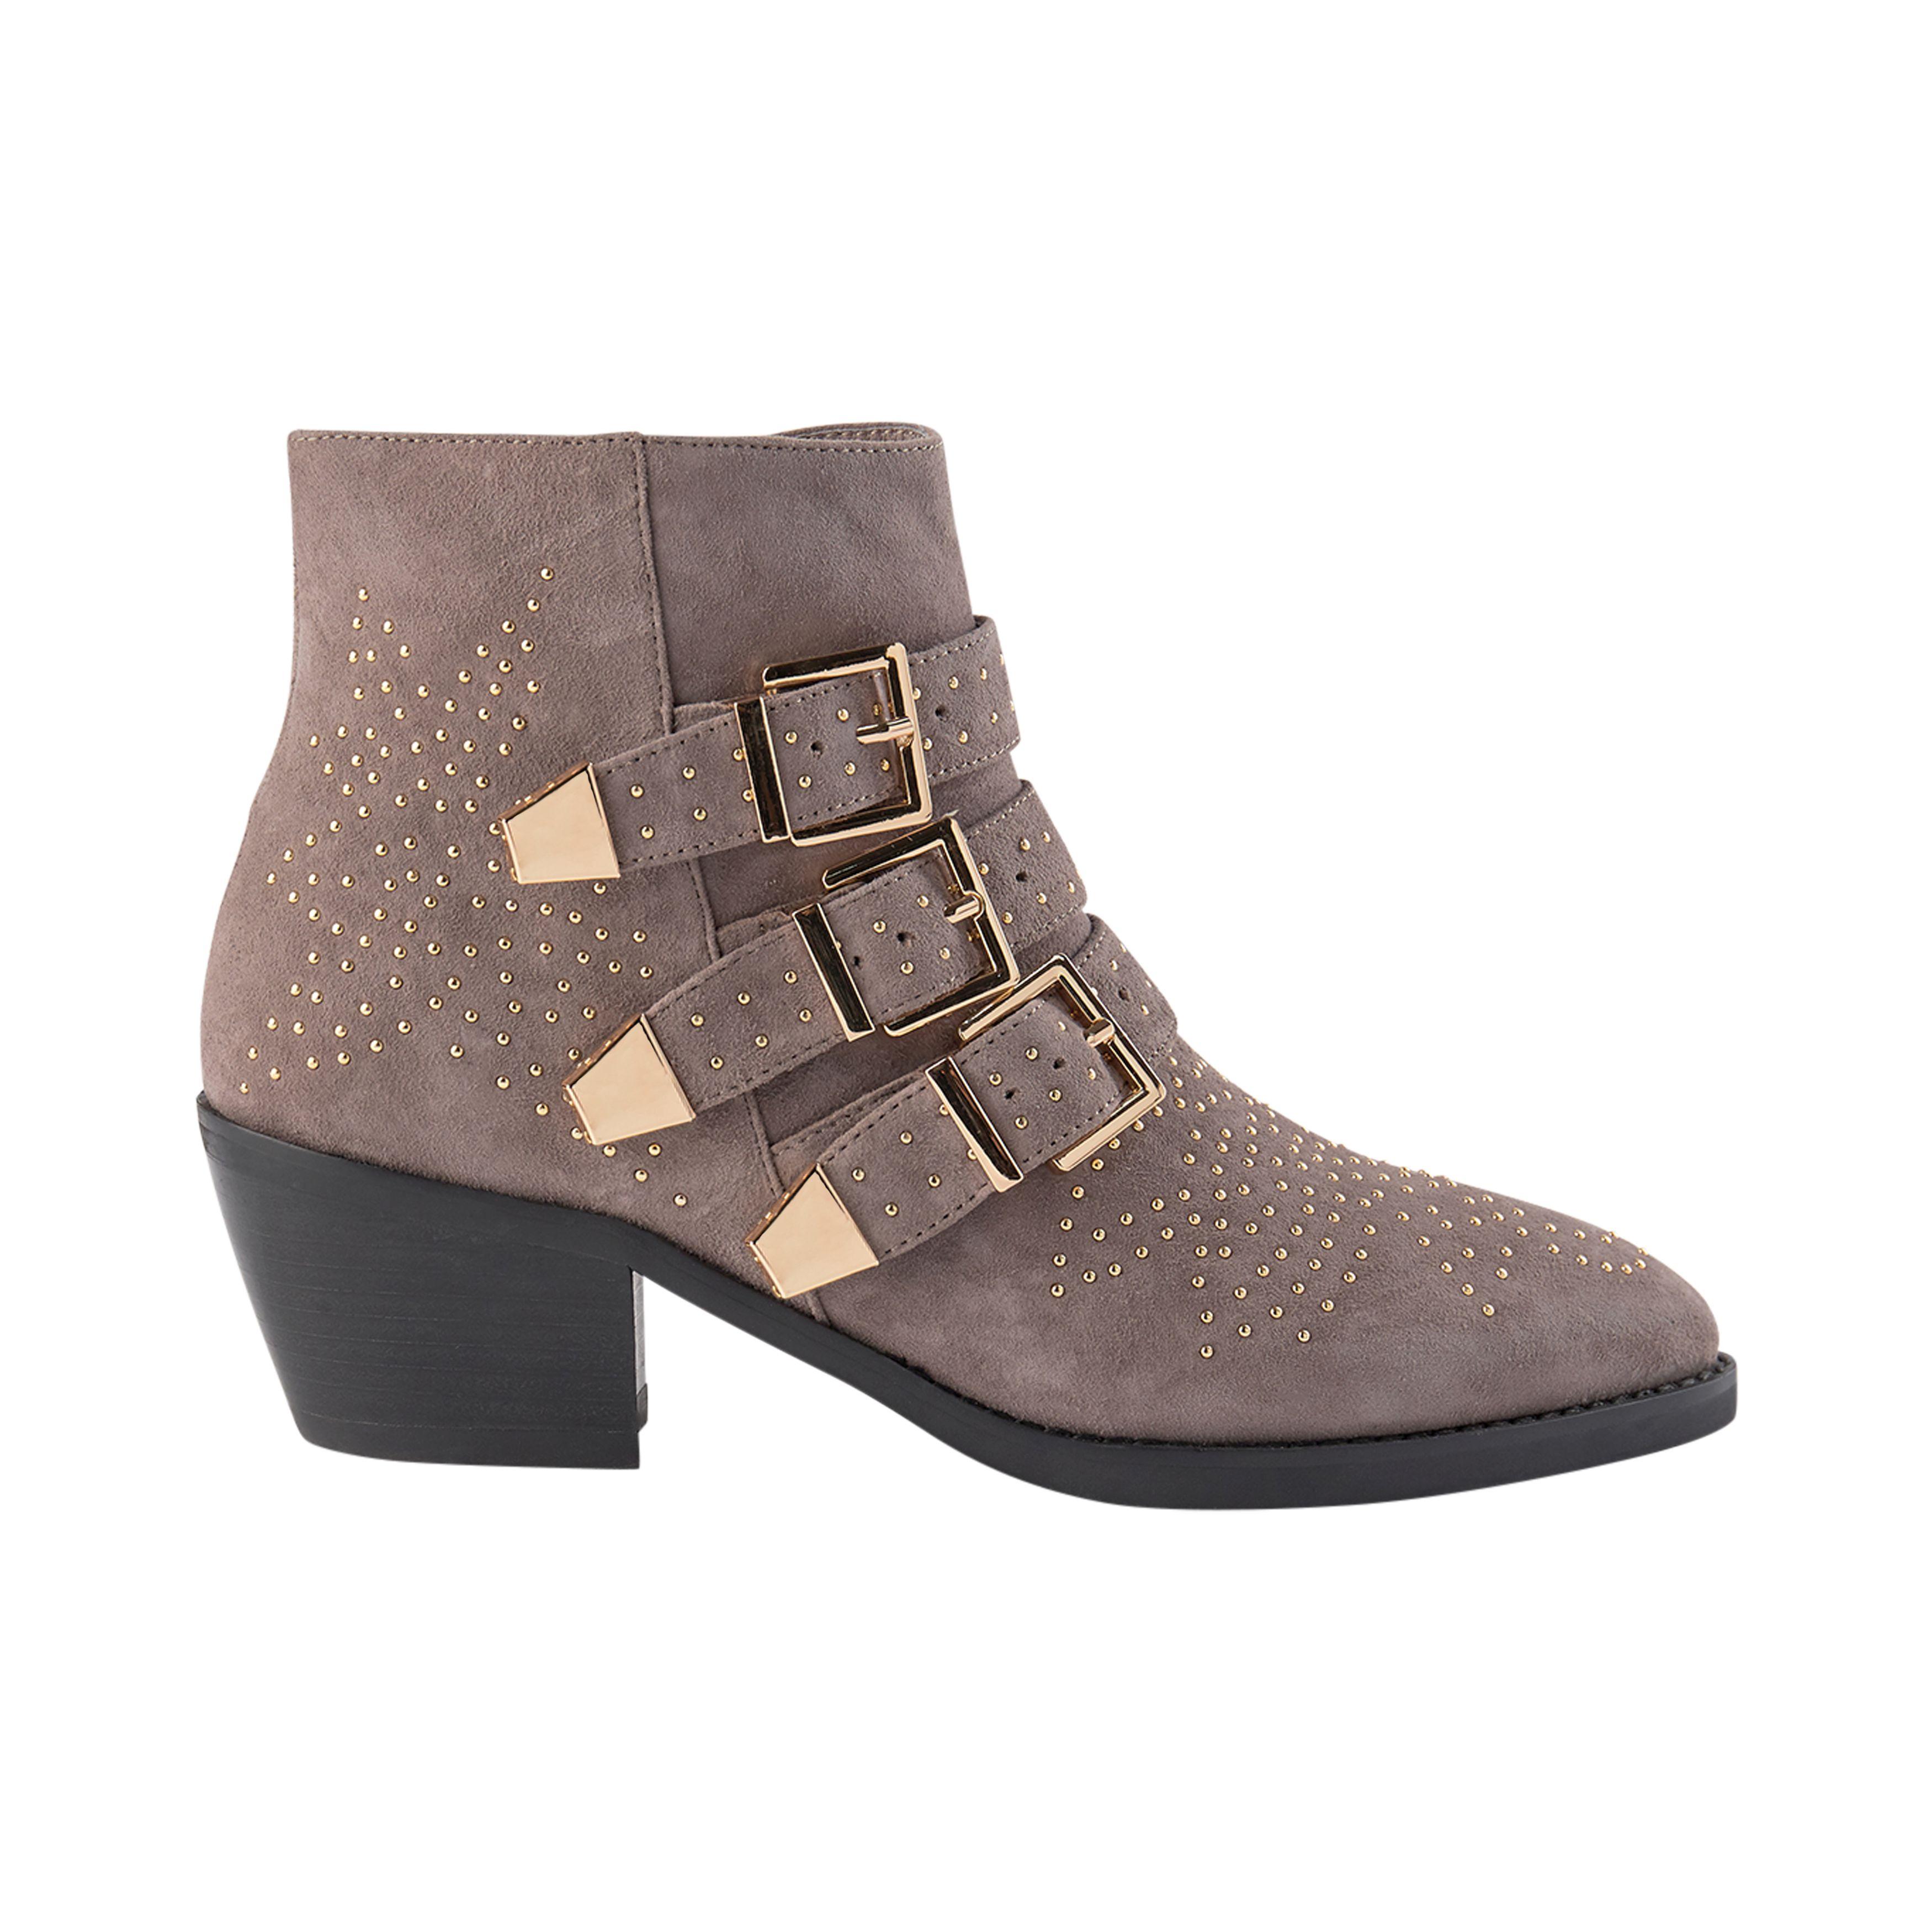 Sofie Schnoor S211707 støvle